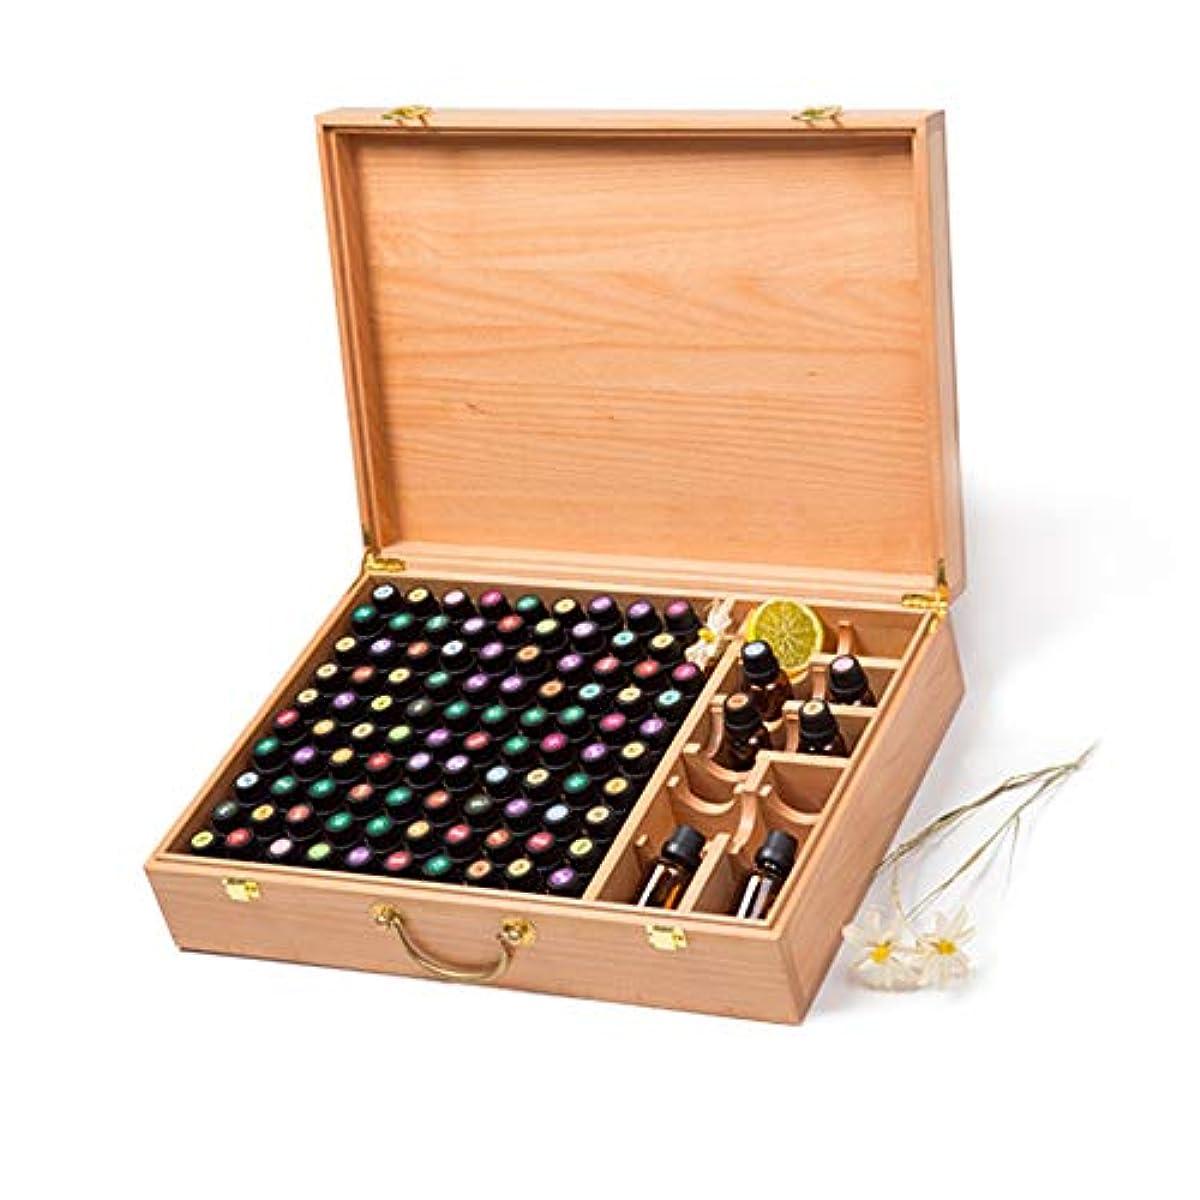 エールプレゼン同情ハンドルパーフェクトエッセンシャルオイルのケースでは手作りの木製エッセンシャルオイルストレージボックスは100の油のボトルを保持します アロマセラピー製品 (色 : Natural, サイズ : 44X31.5X10.5CM)